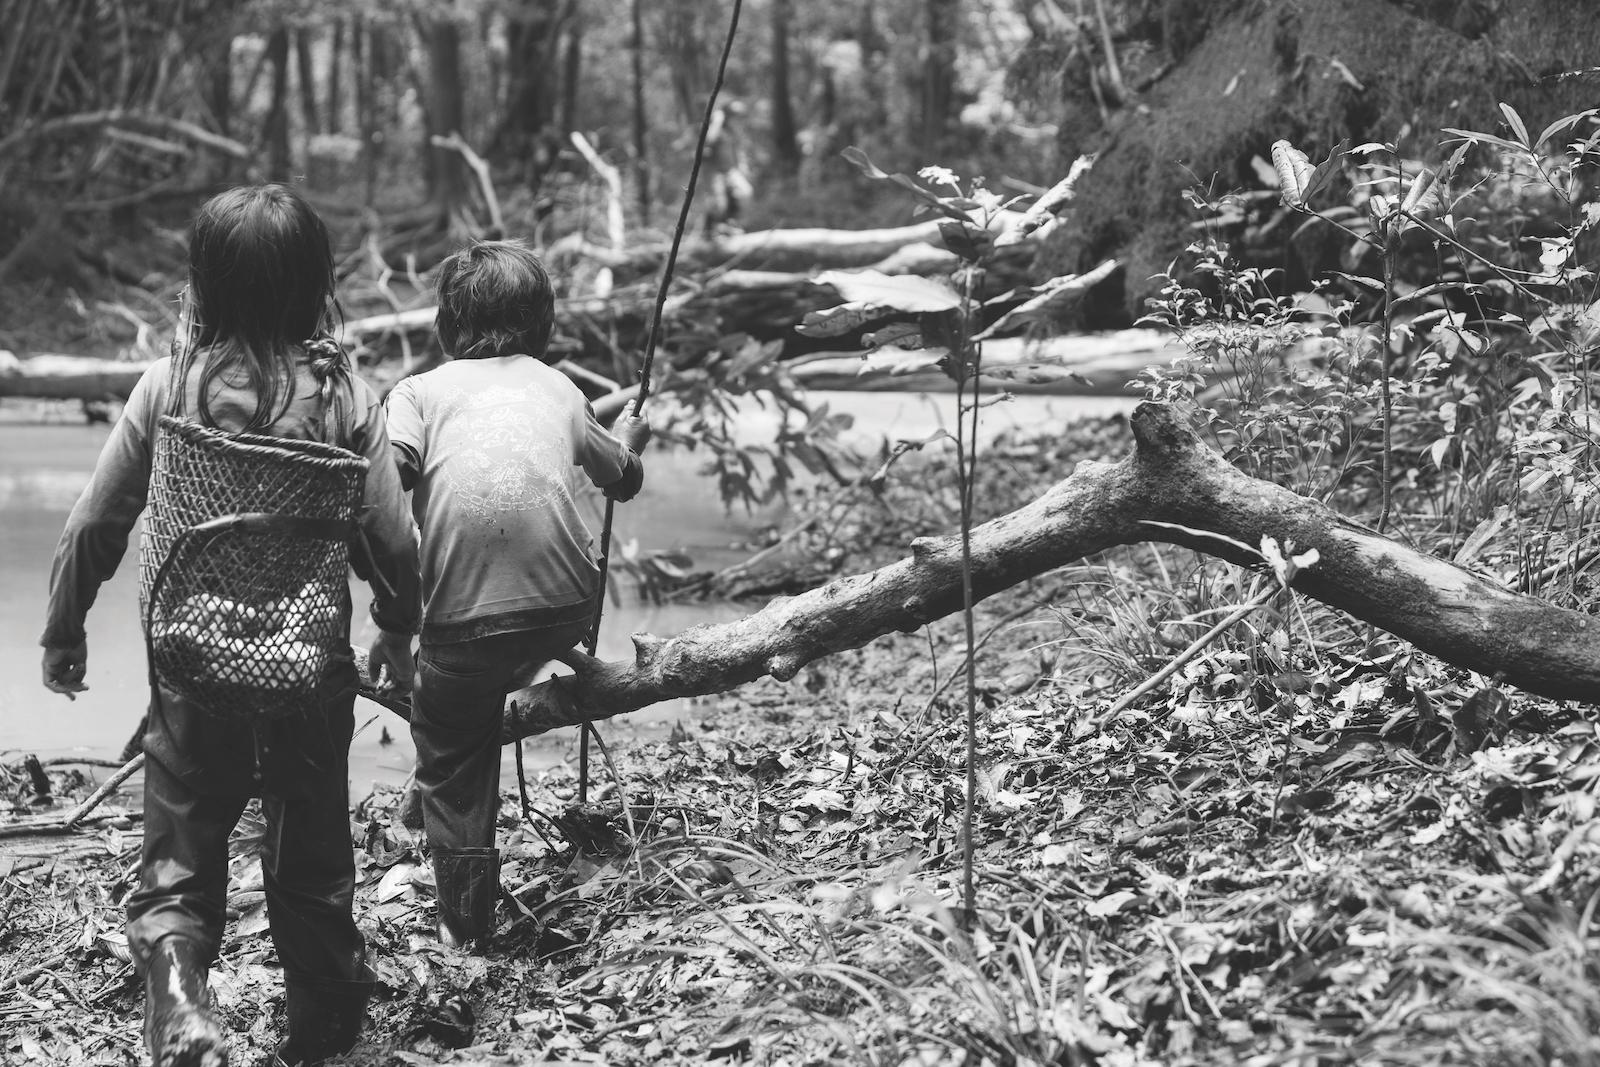 Amazon Conservation Team trabaja con poblaciones locales cercanas al Parque Nacional La Paya. Foto: Juan Gabriel Soler / Amazon Conservation Team